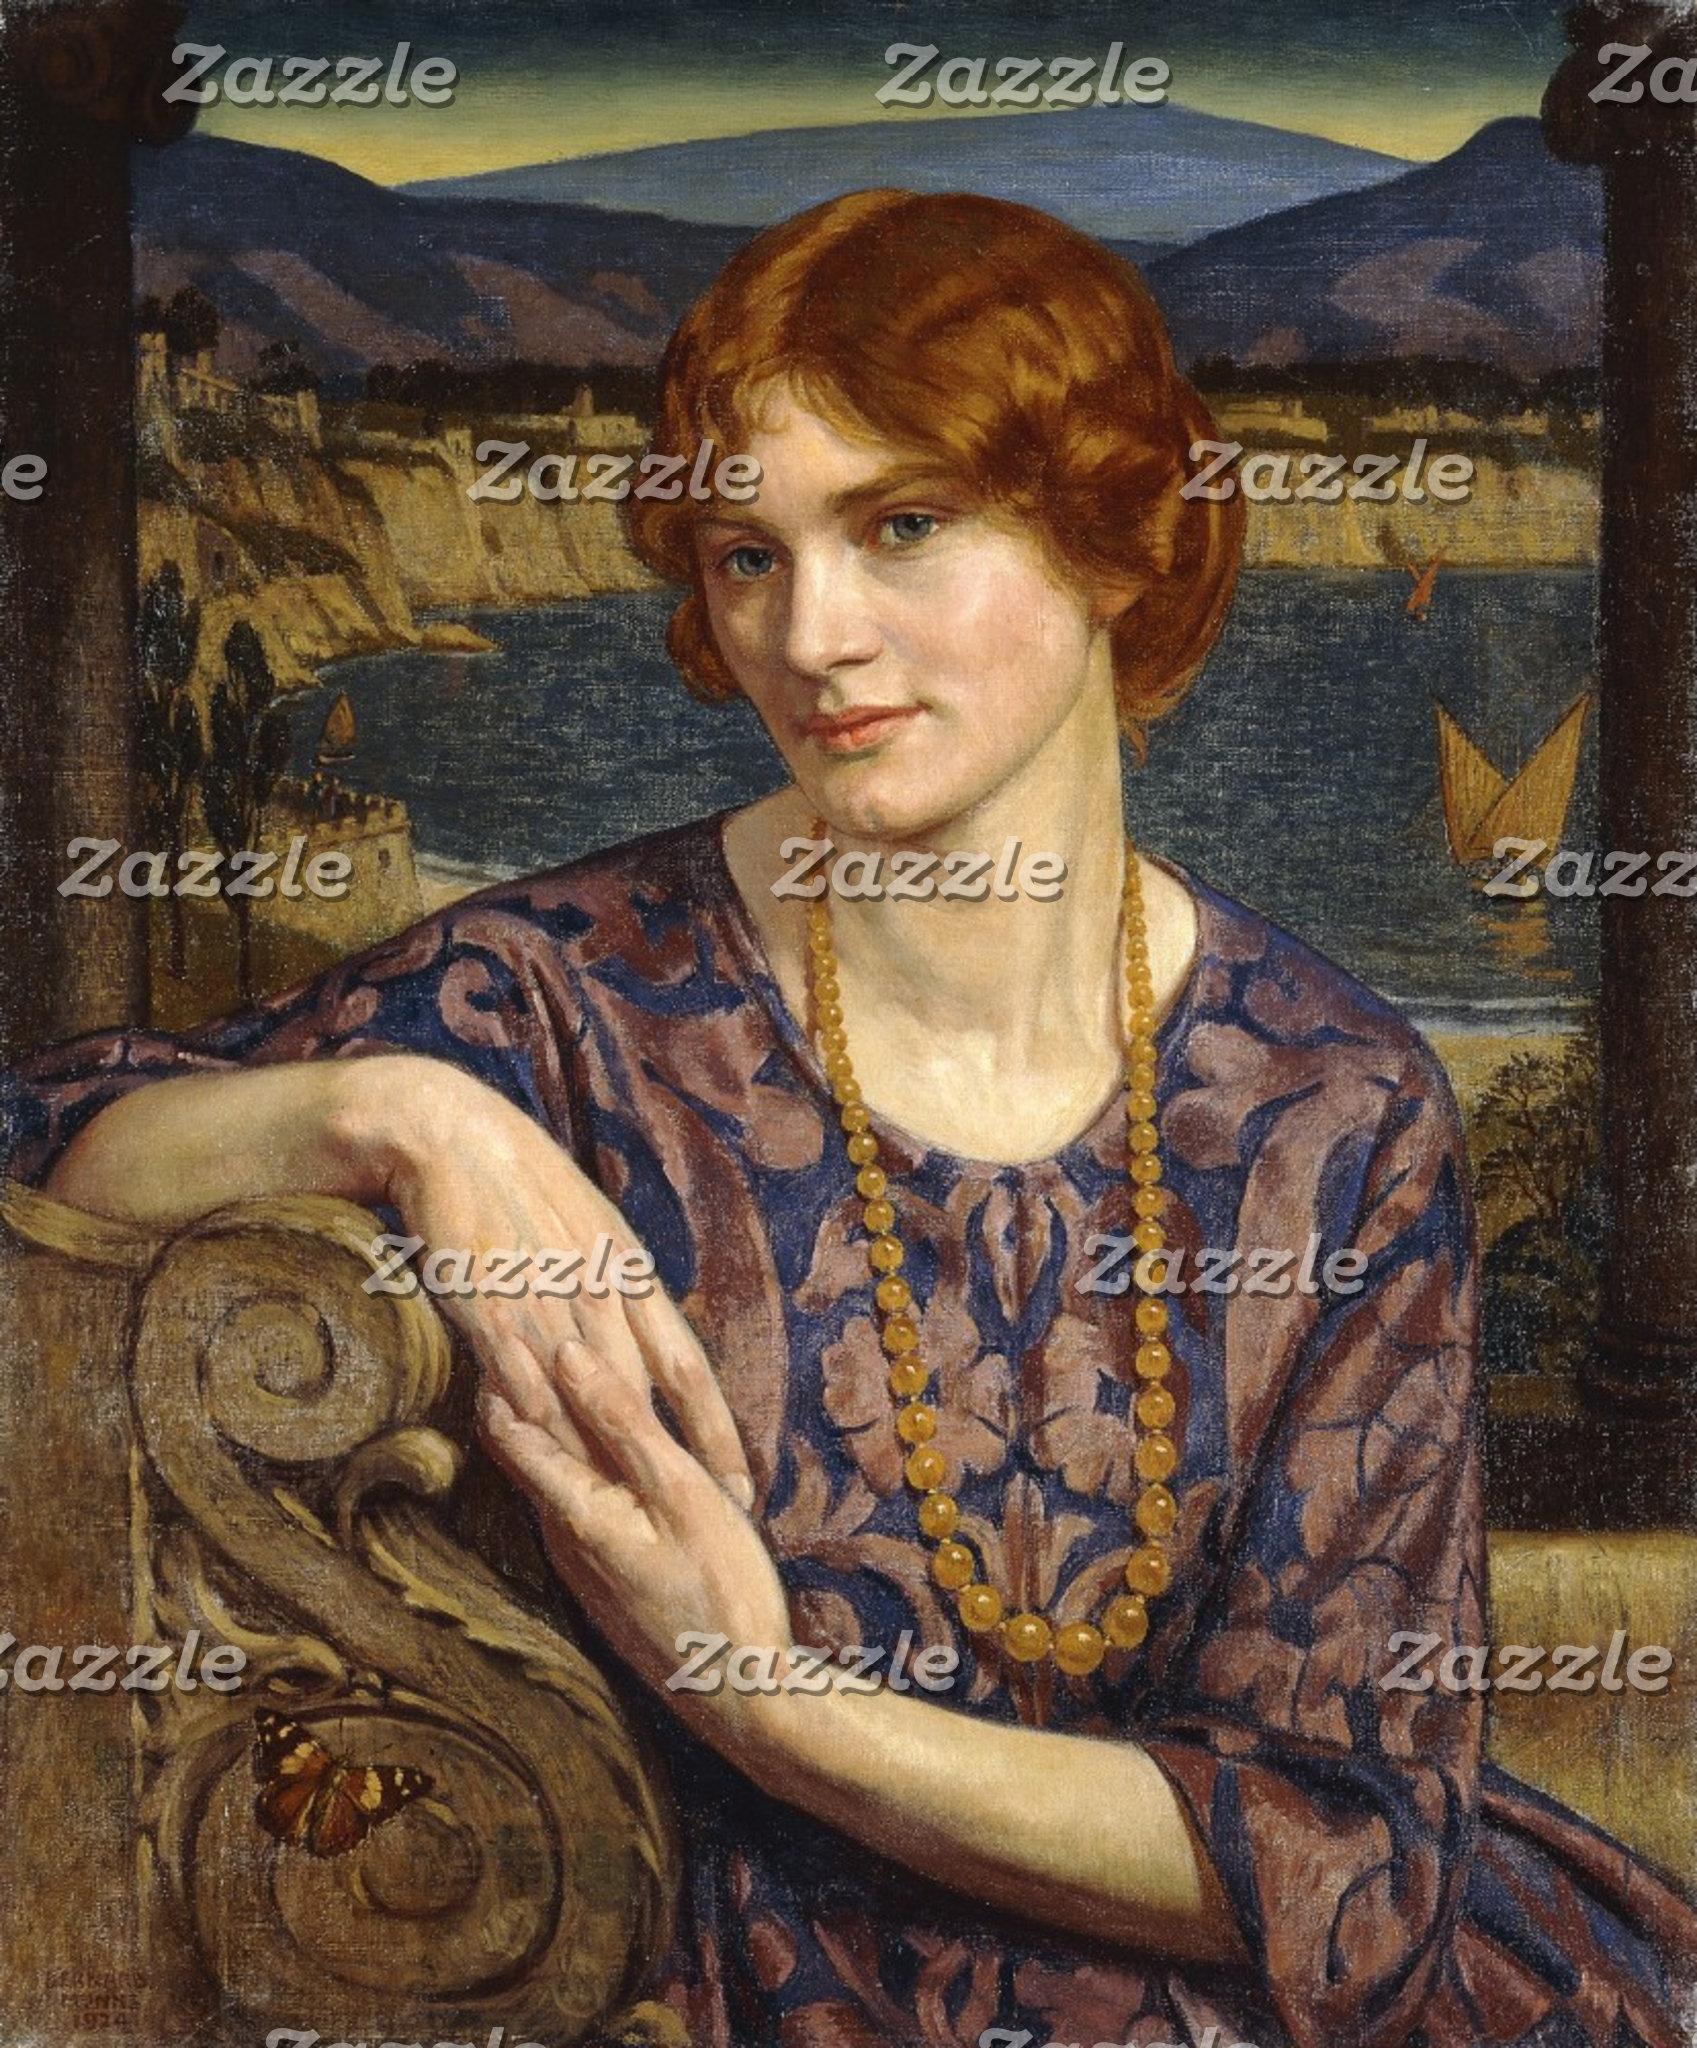 Hulton-Deutsch Collection